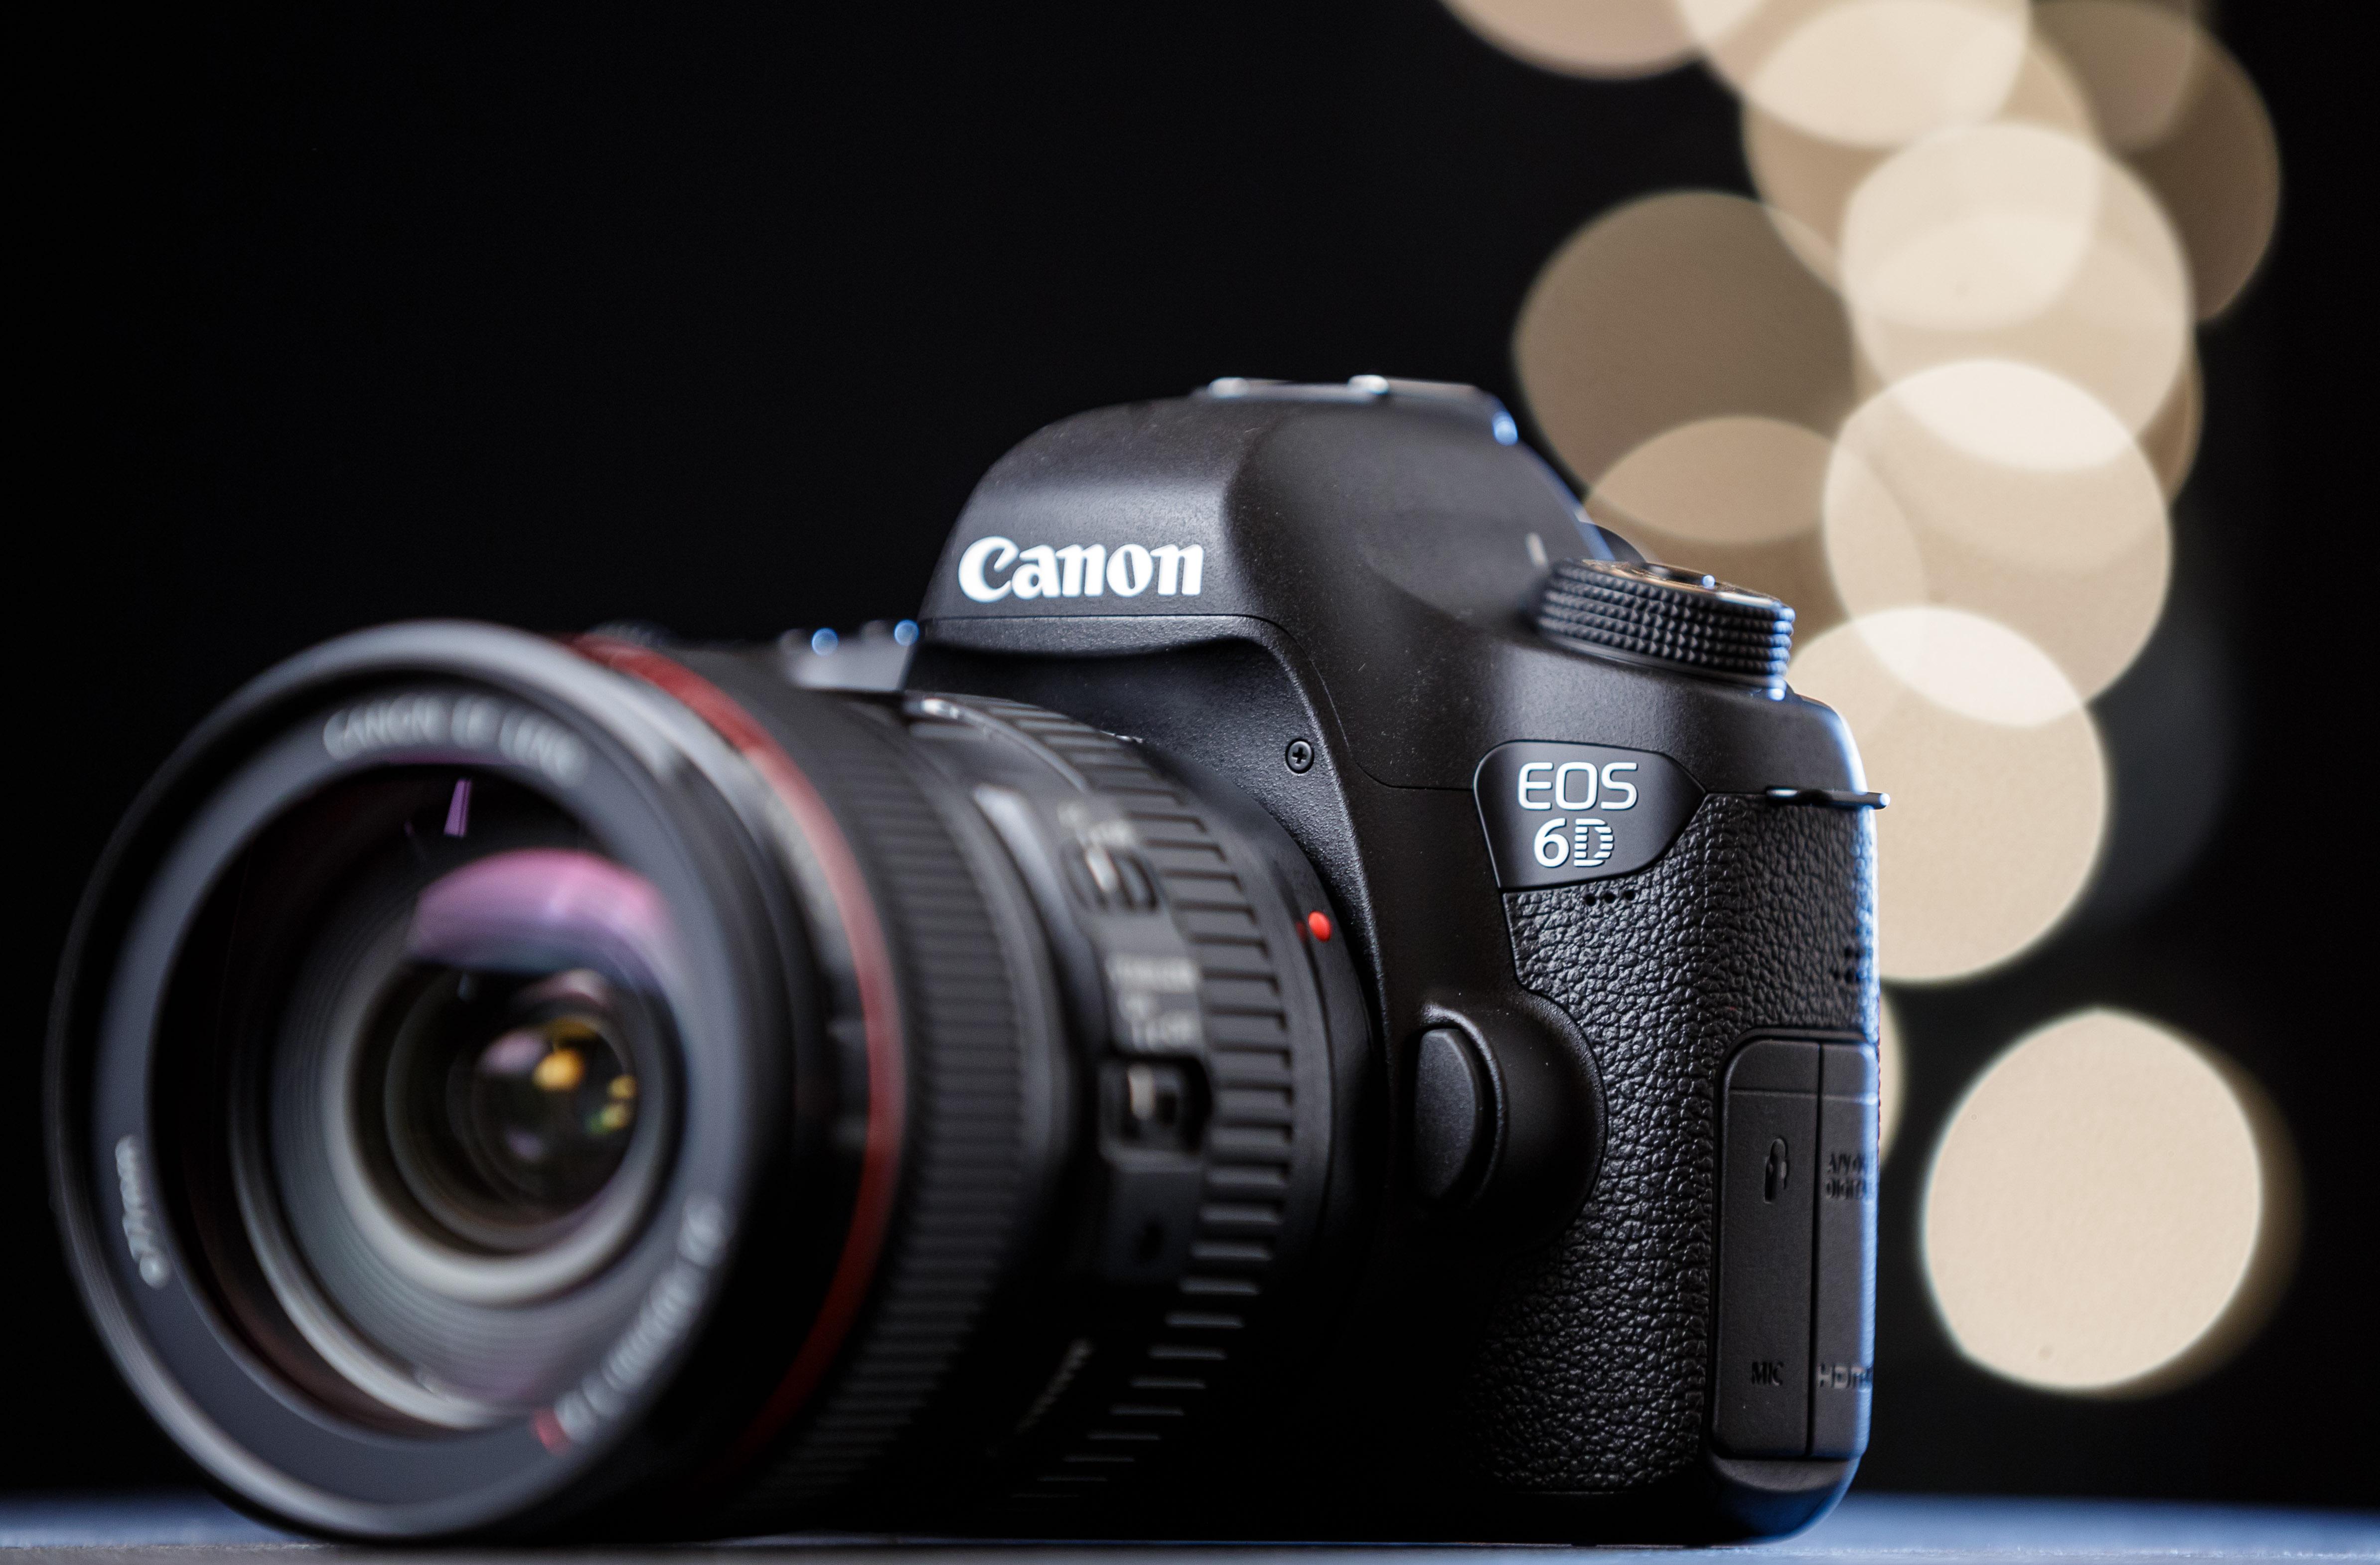 FOTOGRAFIA REFLEX DIGITAL EBOOK DOWNLOAD